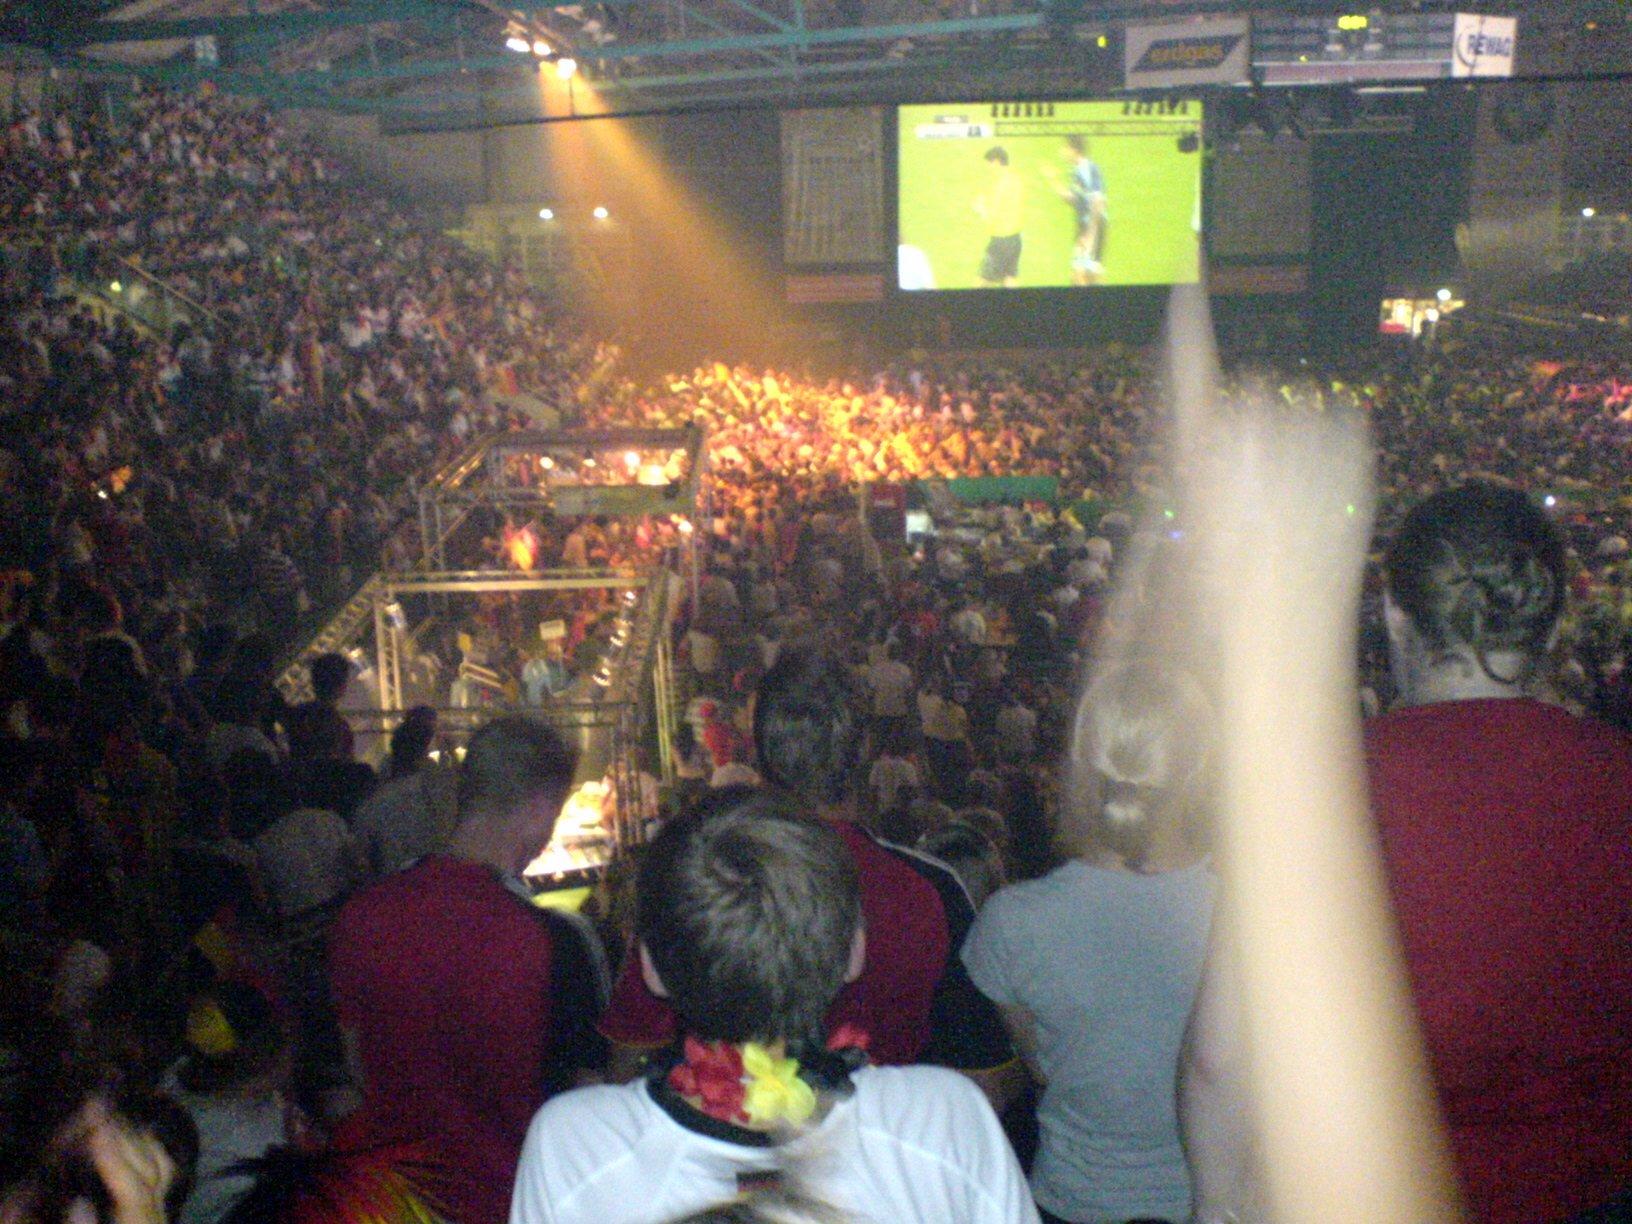 Donau Arena Public Viewing